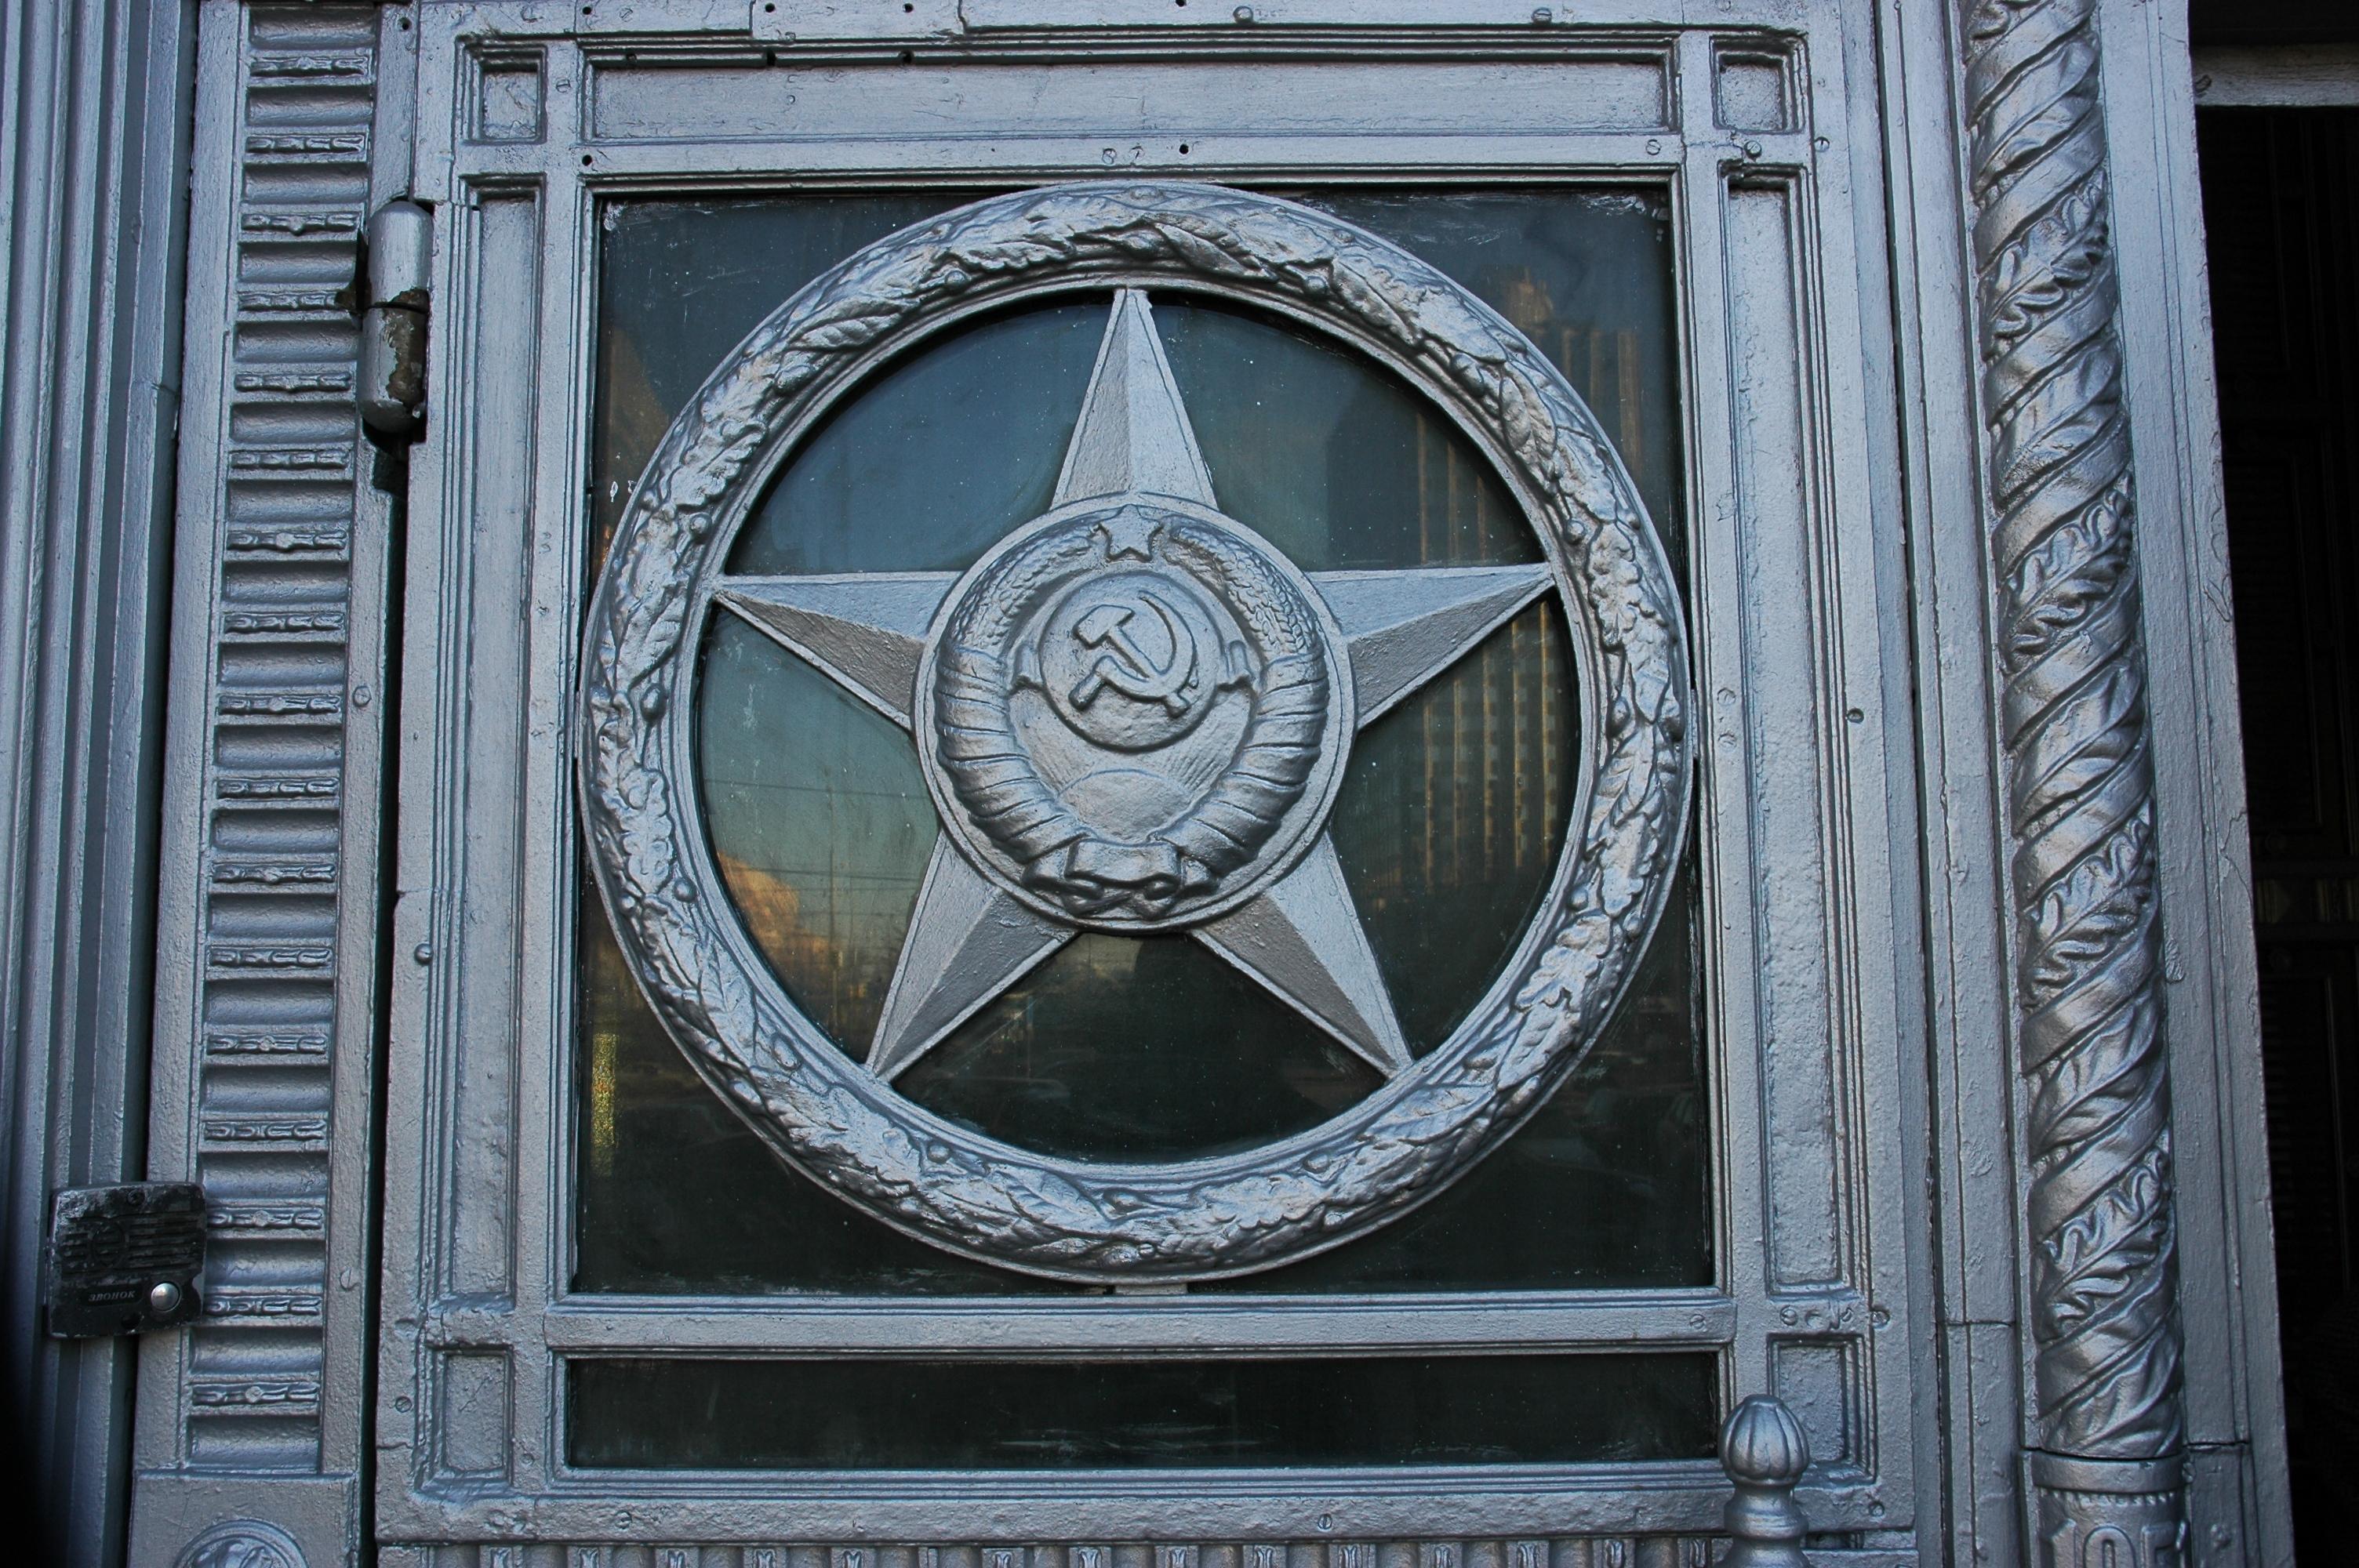 Герб СССР в пятиконечной звезде на двери здания МИДа